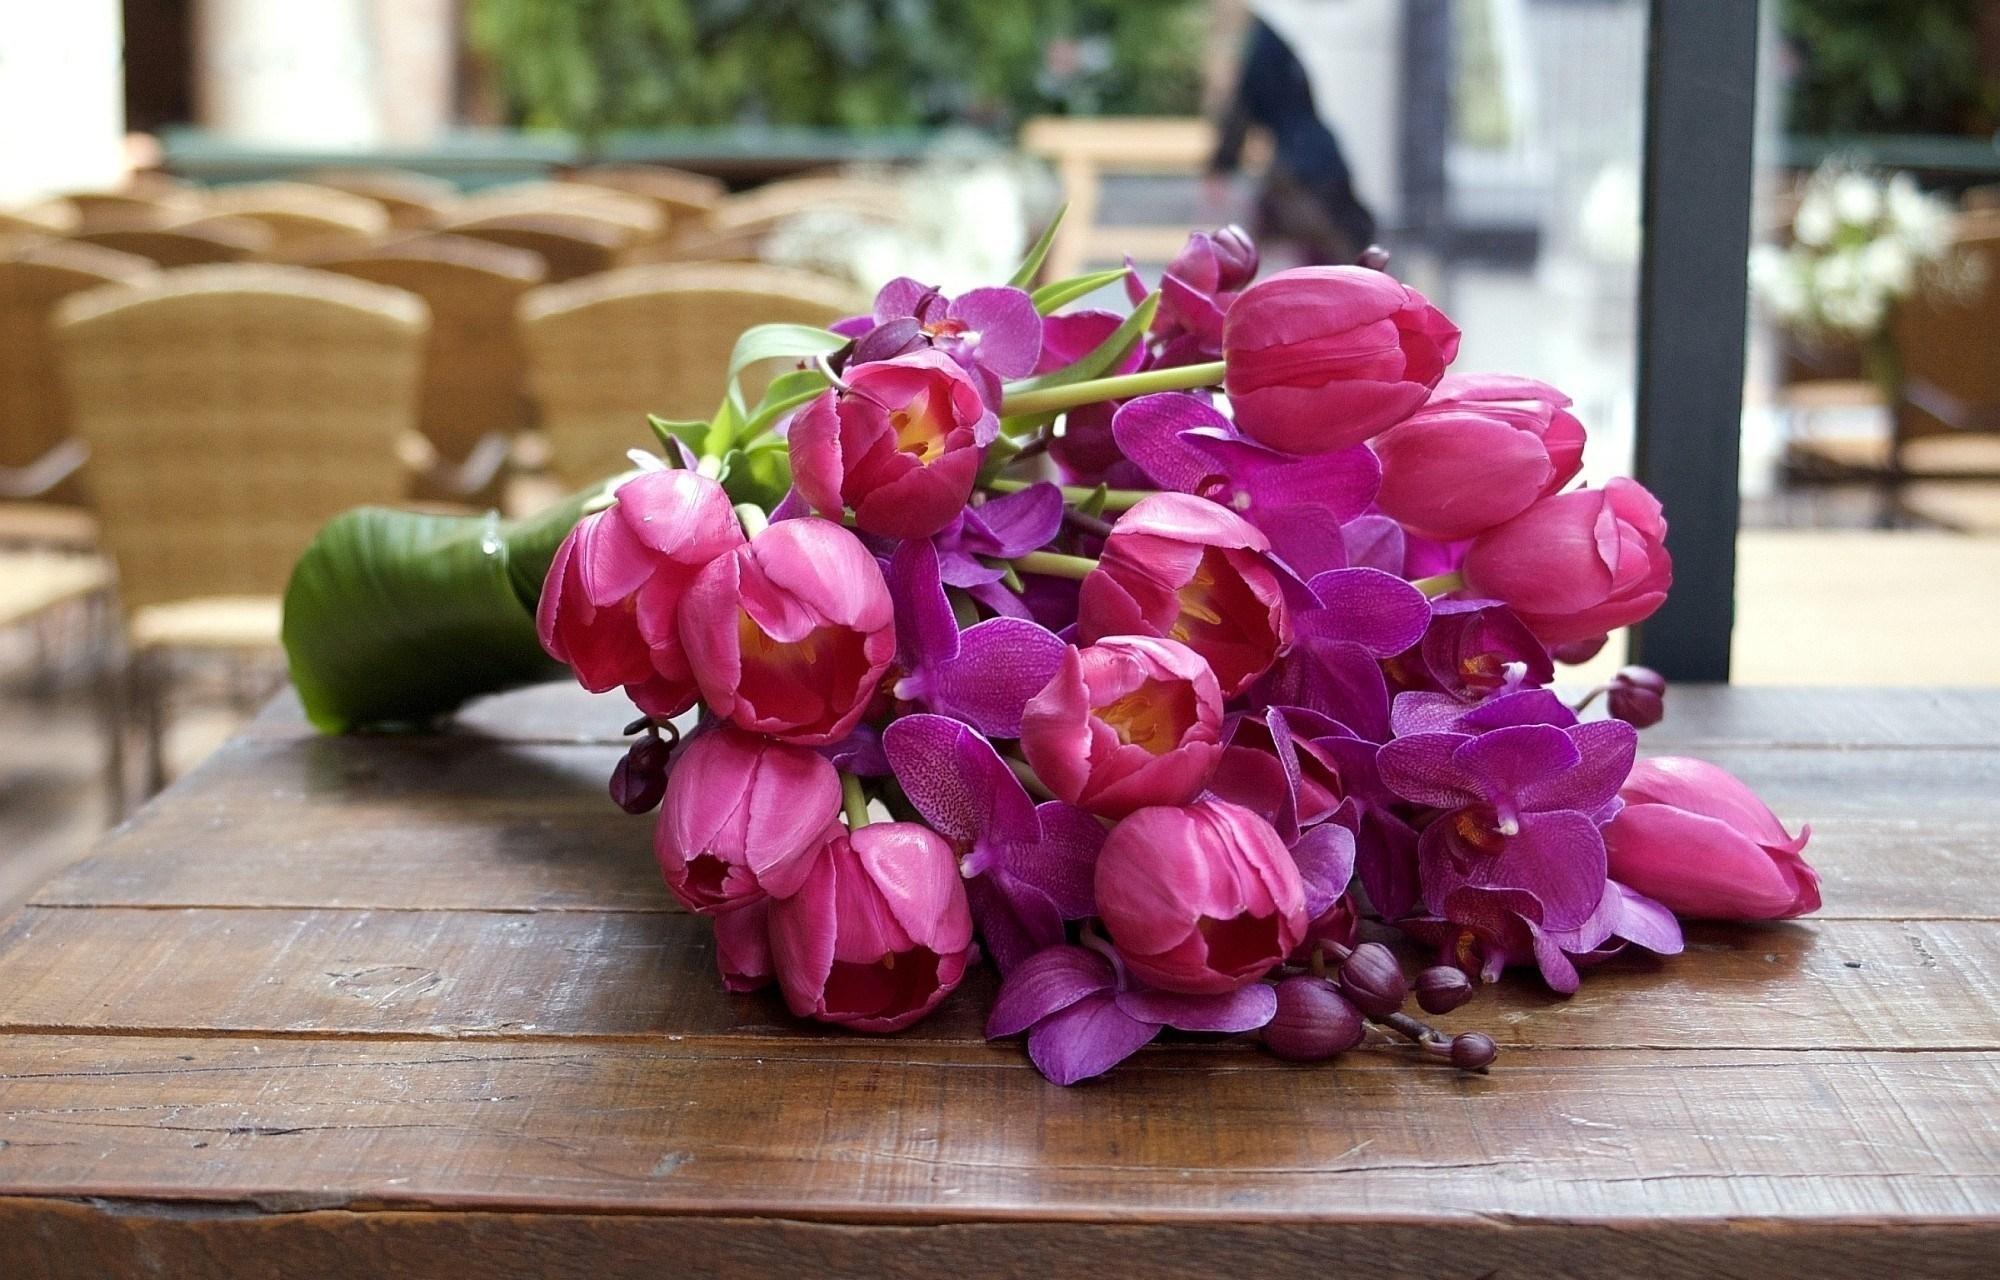 Популярные картинки Орхидеи в HD качестве